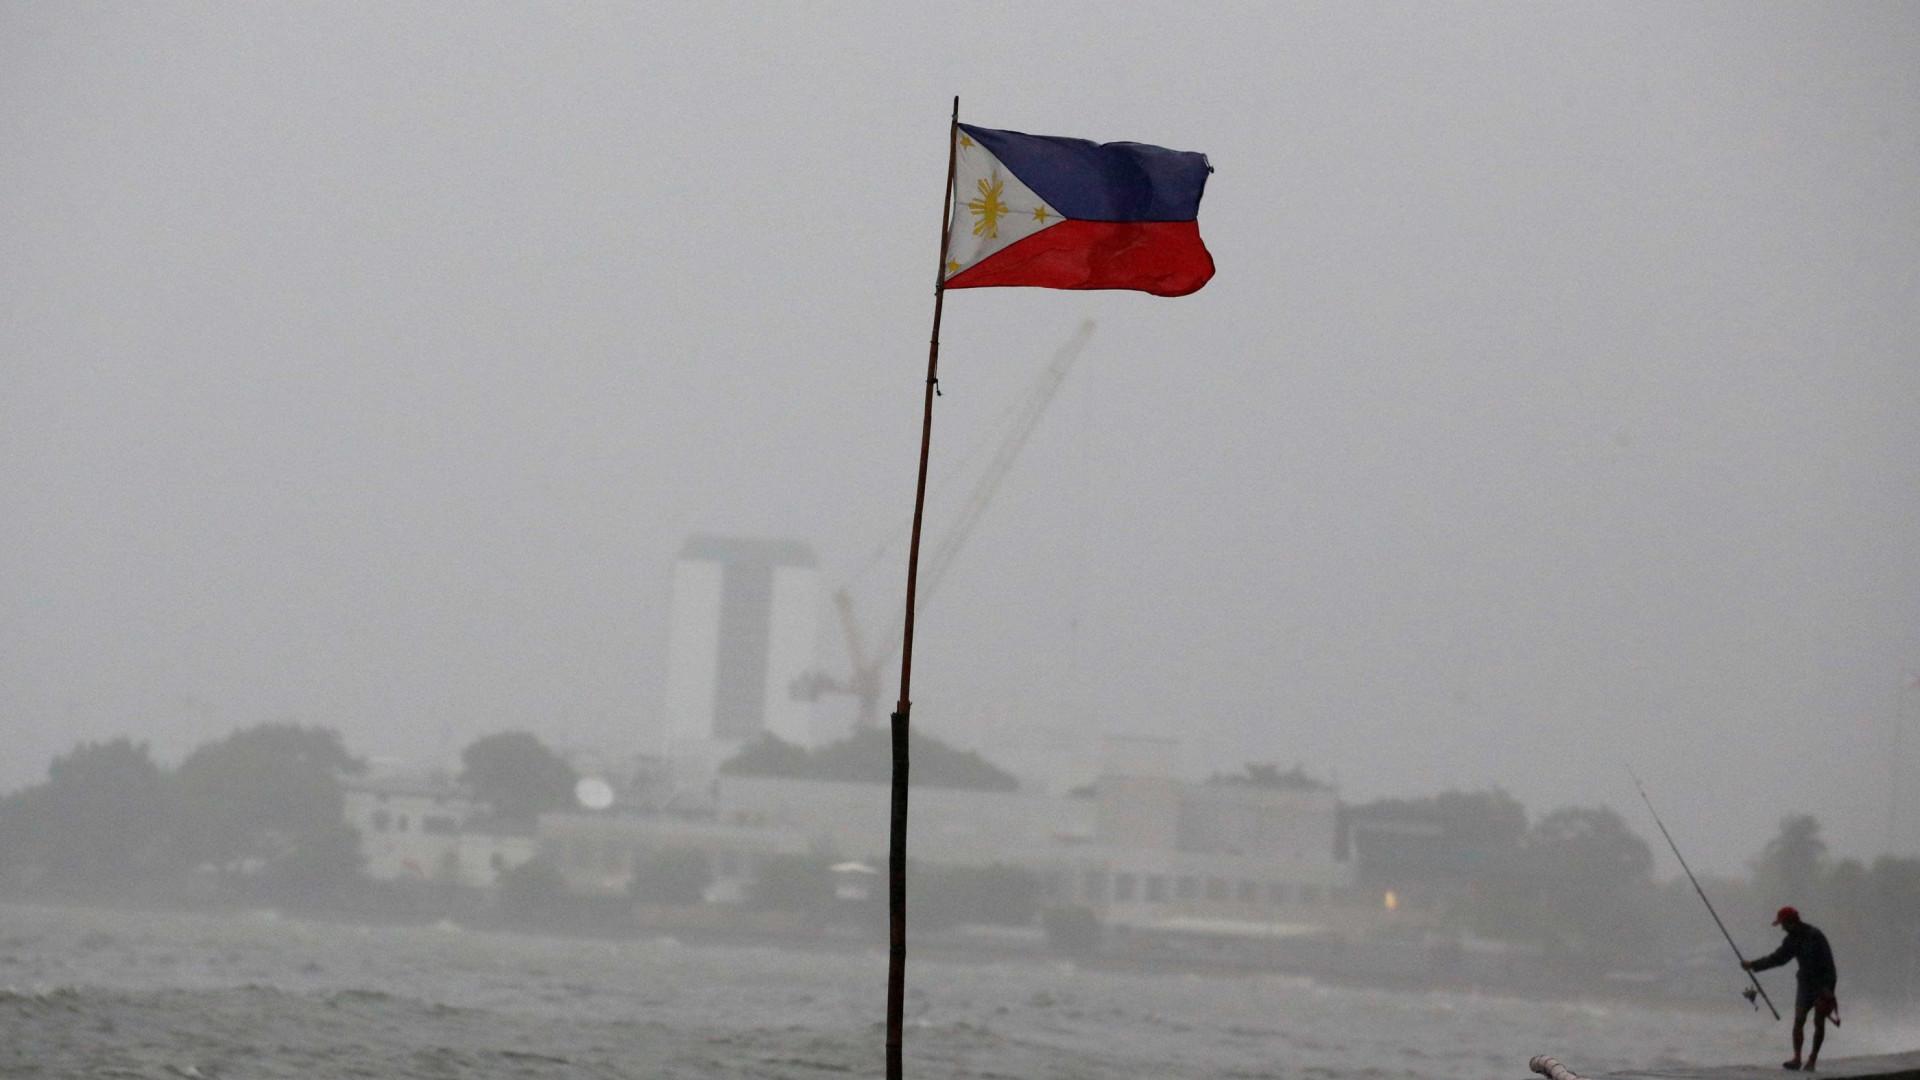 Deslizamento de terras deixa pelo menos 40 pessoas presas nas Filipinas